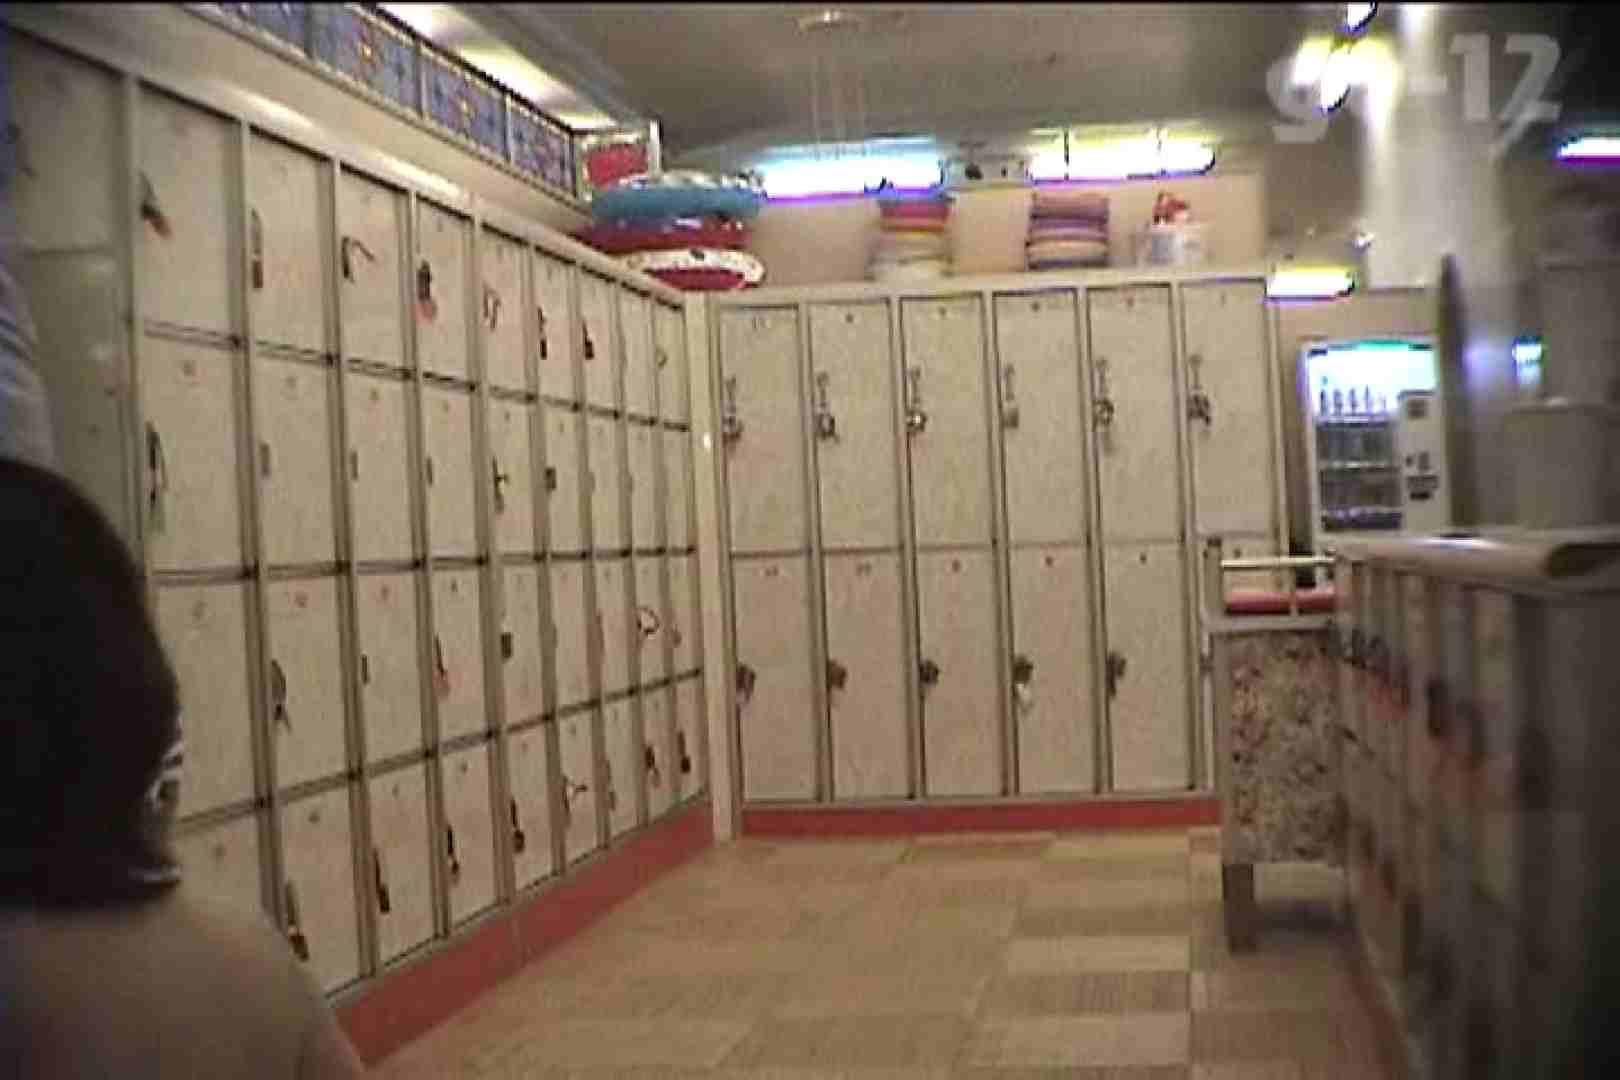 電波カメラ設置浴場からの防HAN映像 Vol.12 盗撮  82PIX 42